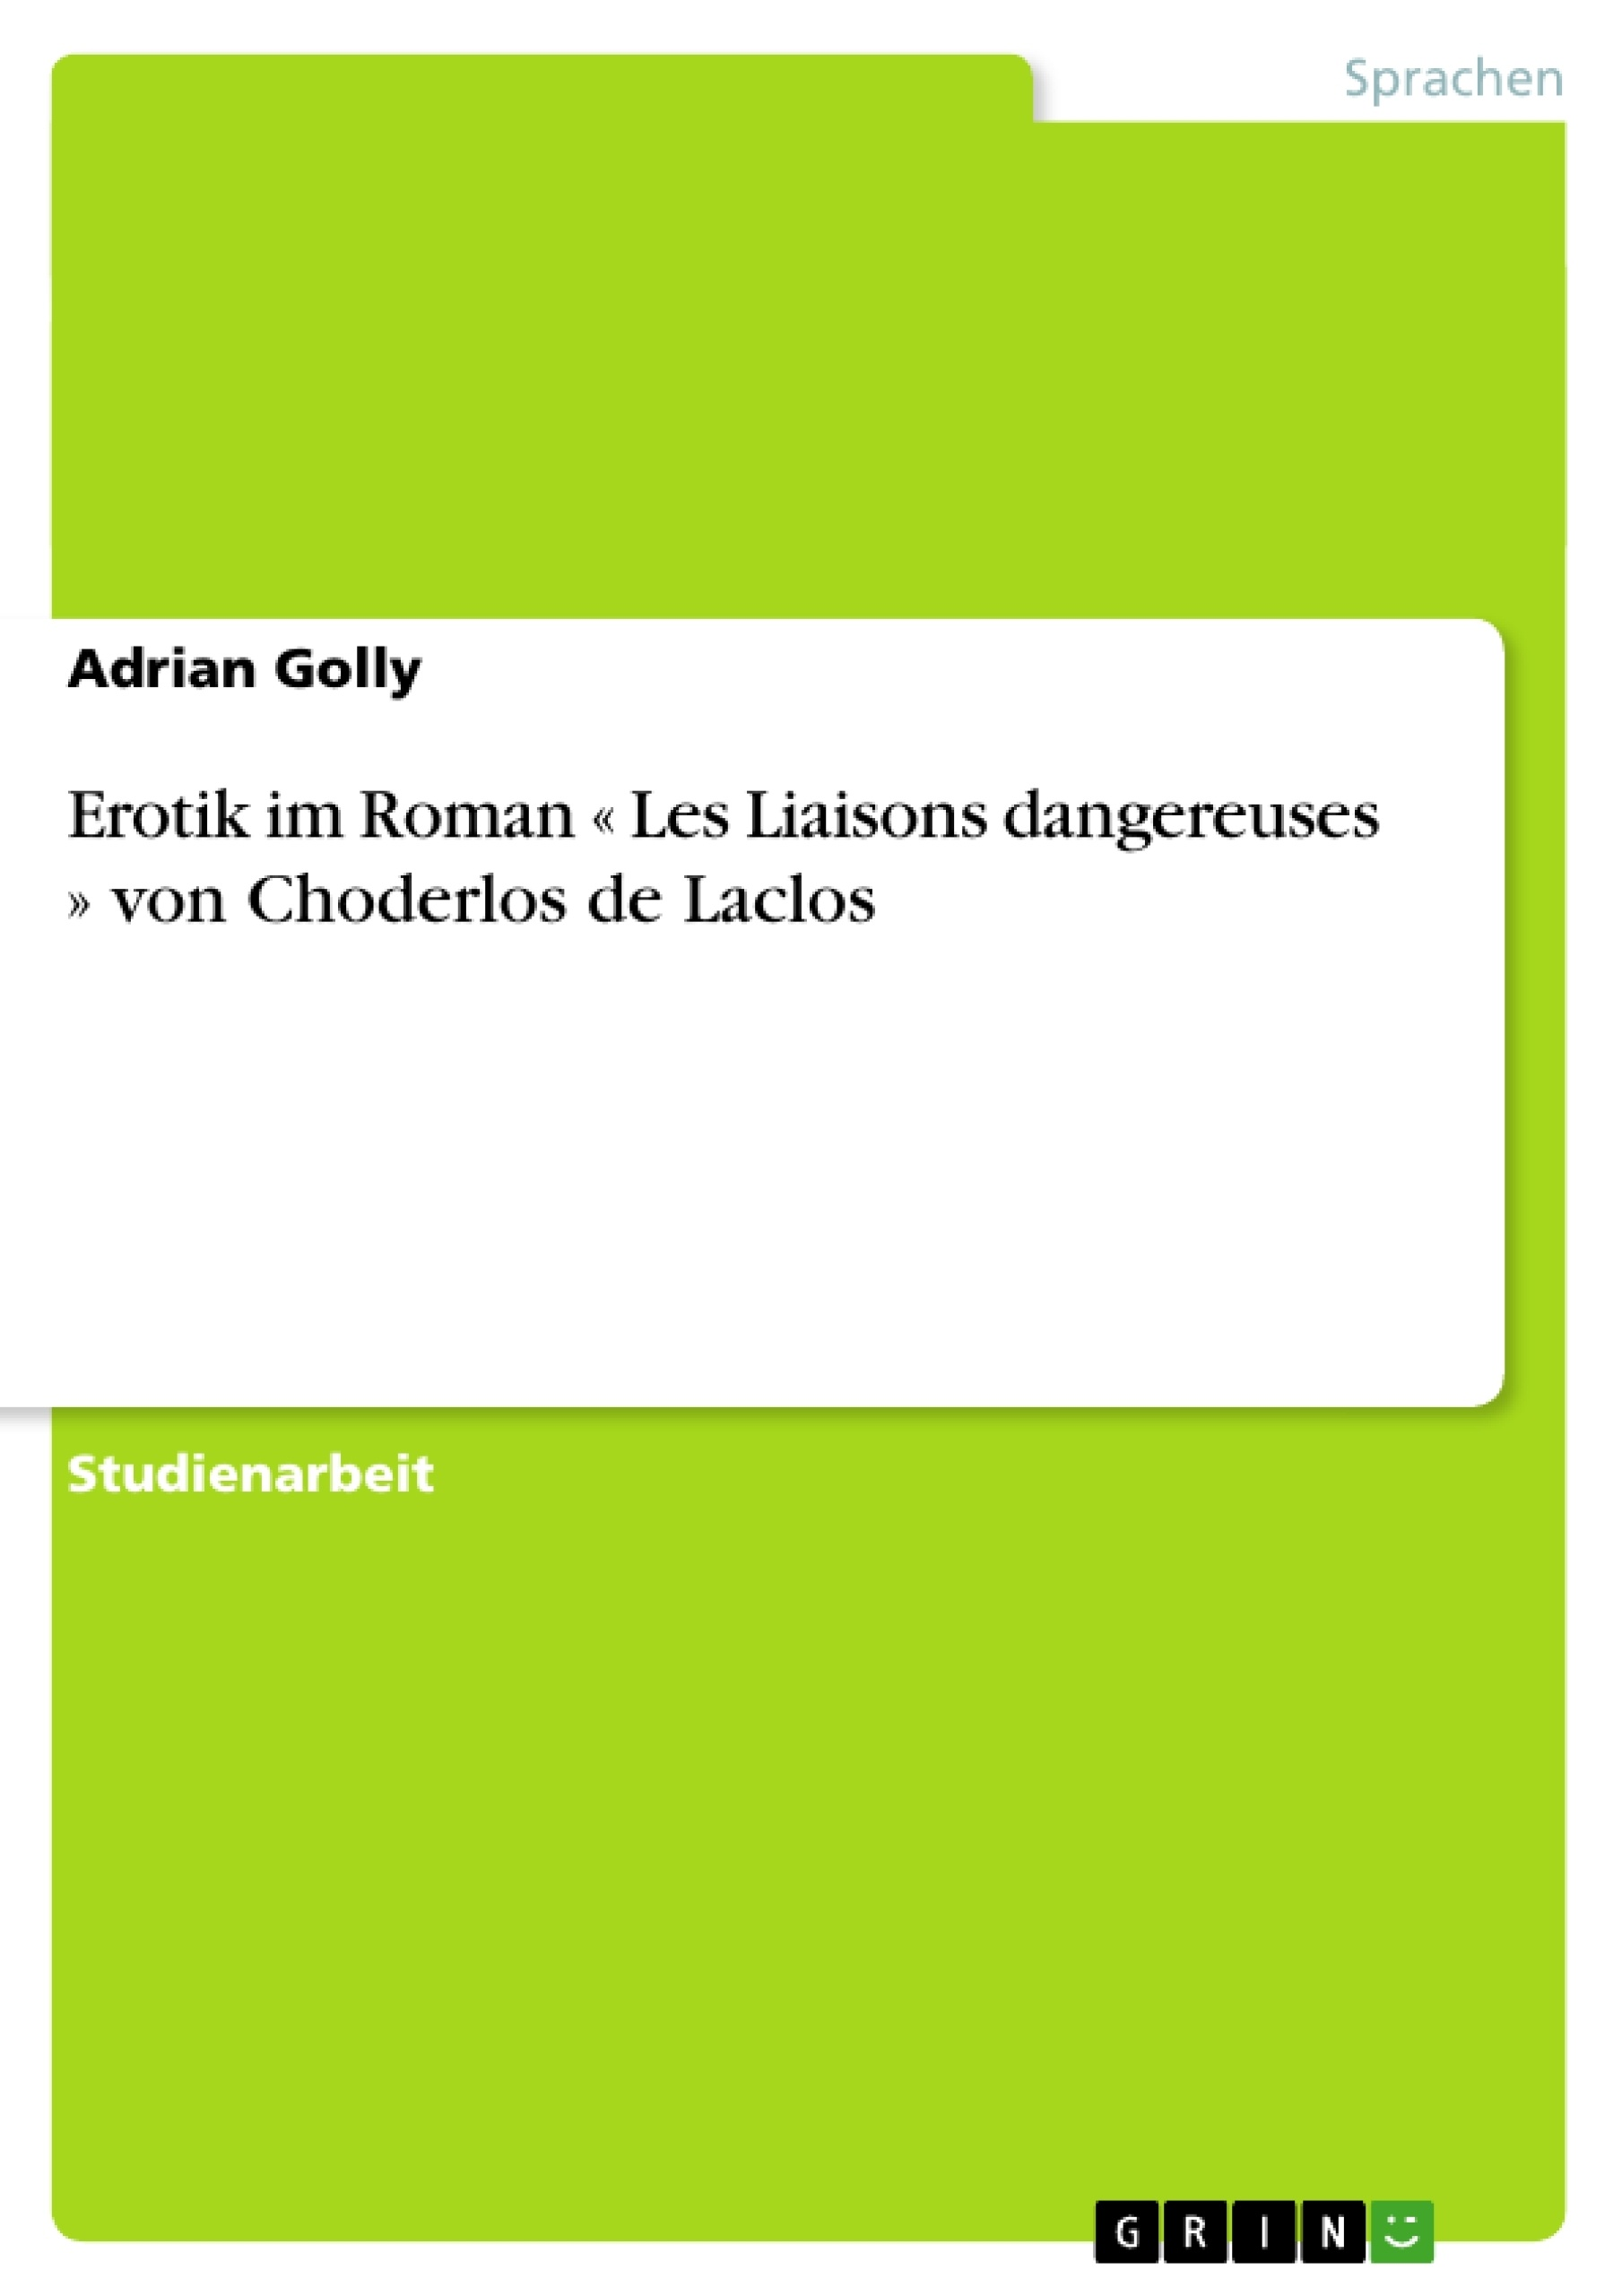 Titel: Erotik im Roman « Les Liaisons dangereuses » von Choderlos de Laclos